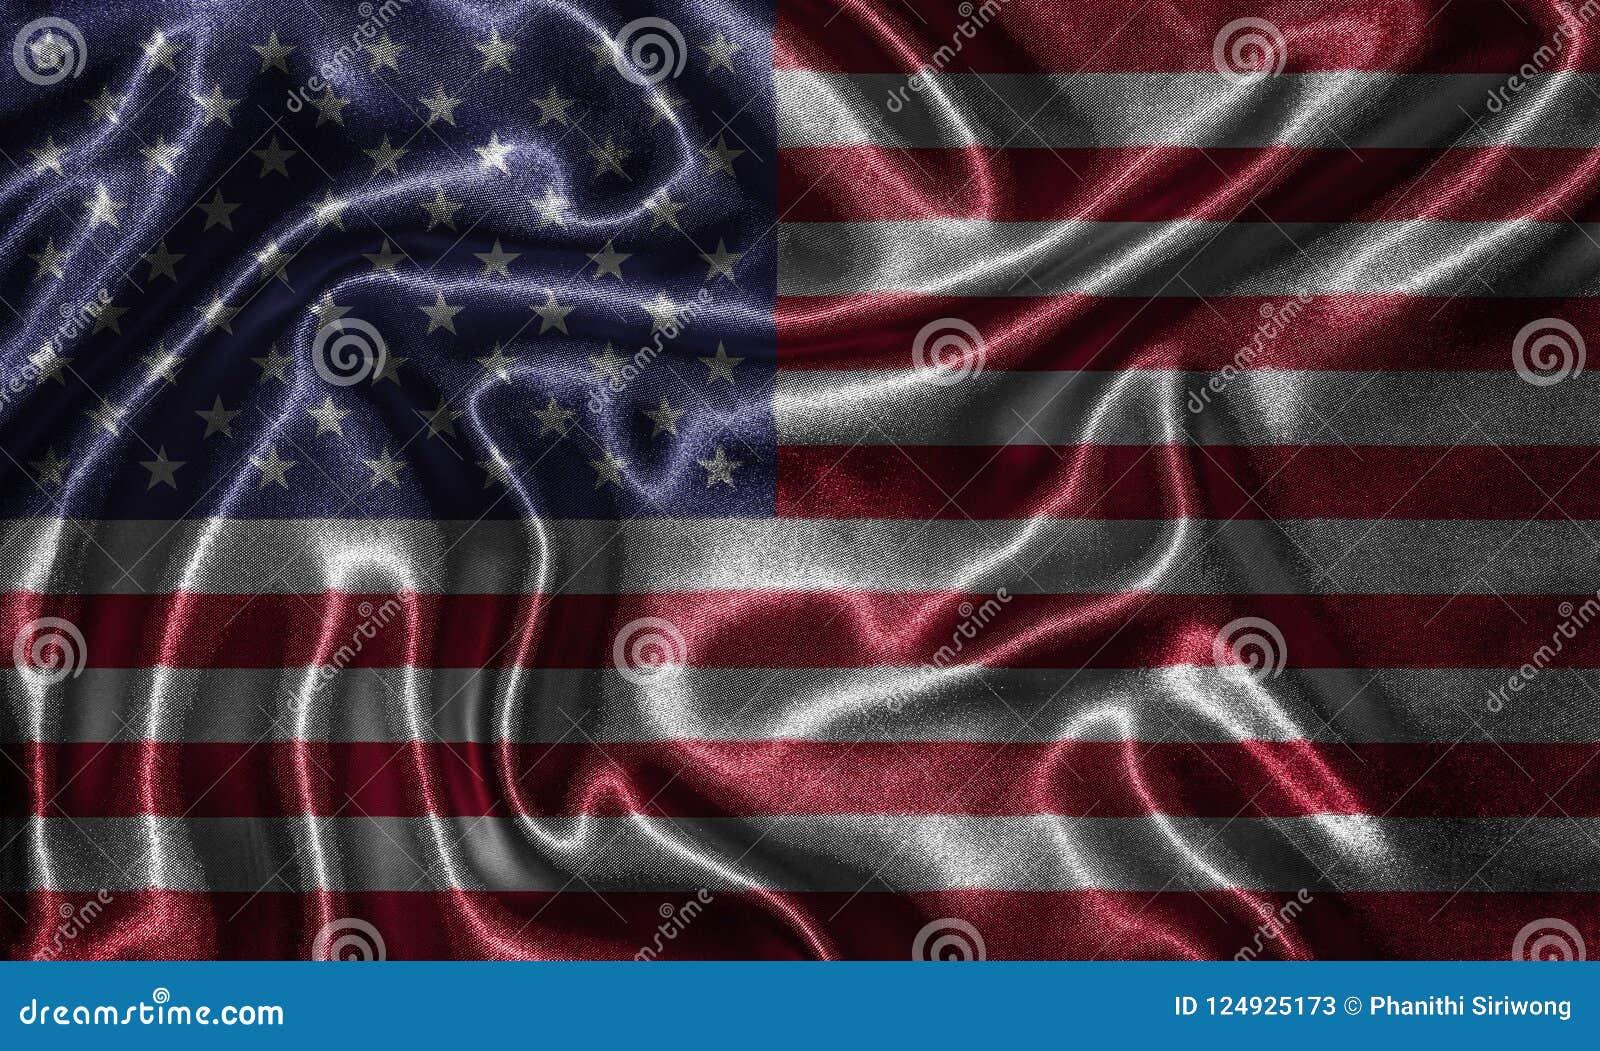 Wallpaper Par Le Drapeau Des Etats Unis Et Le Drapeau De